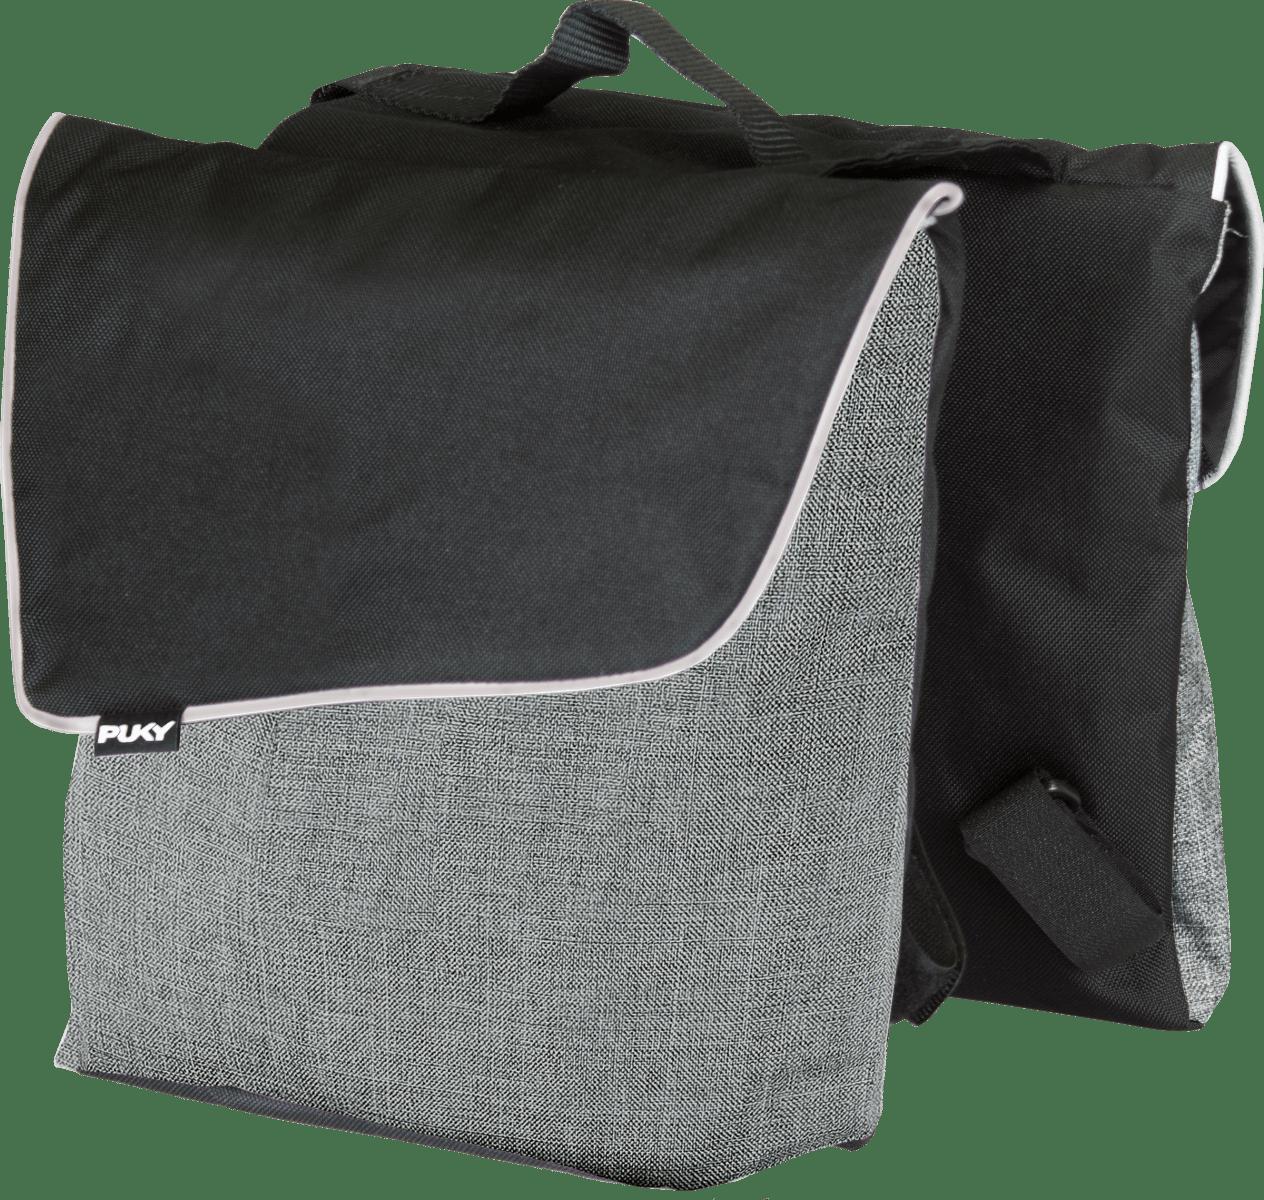 PUKY Dvojitá zadná taška D3 - sivá